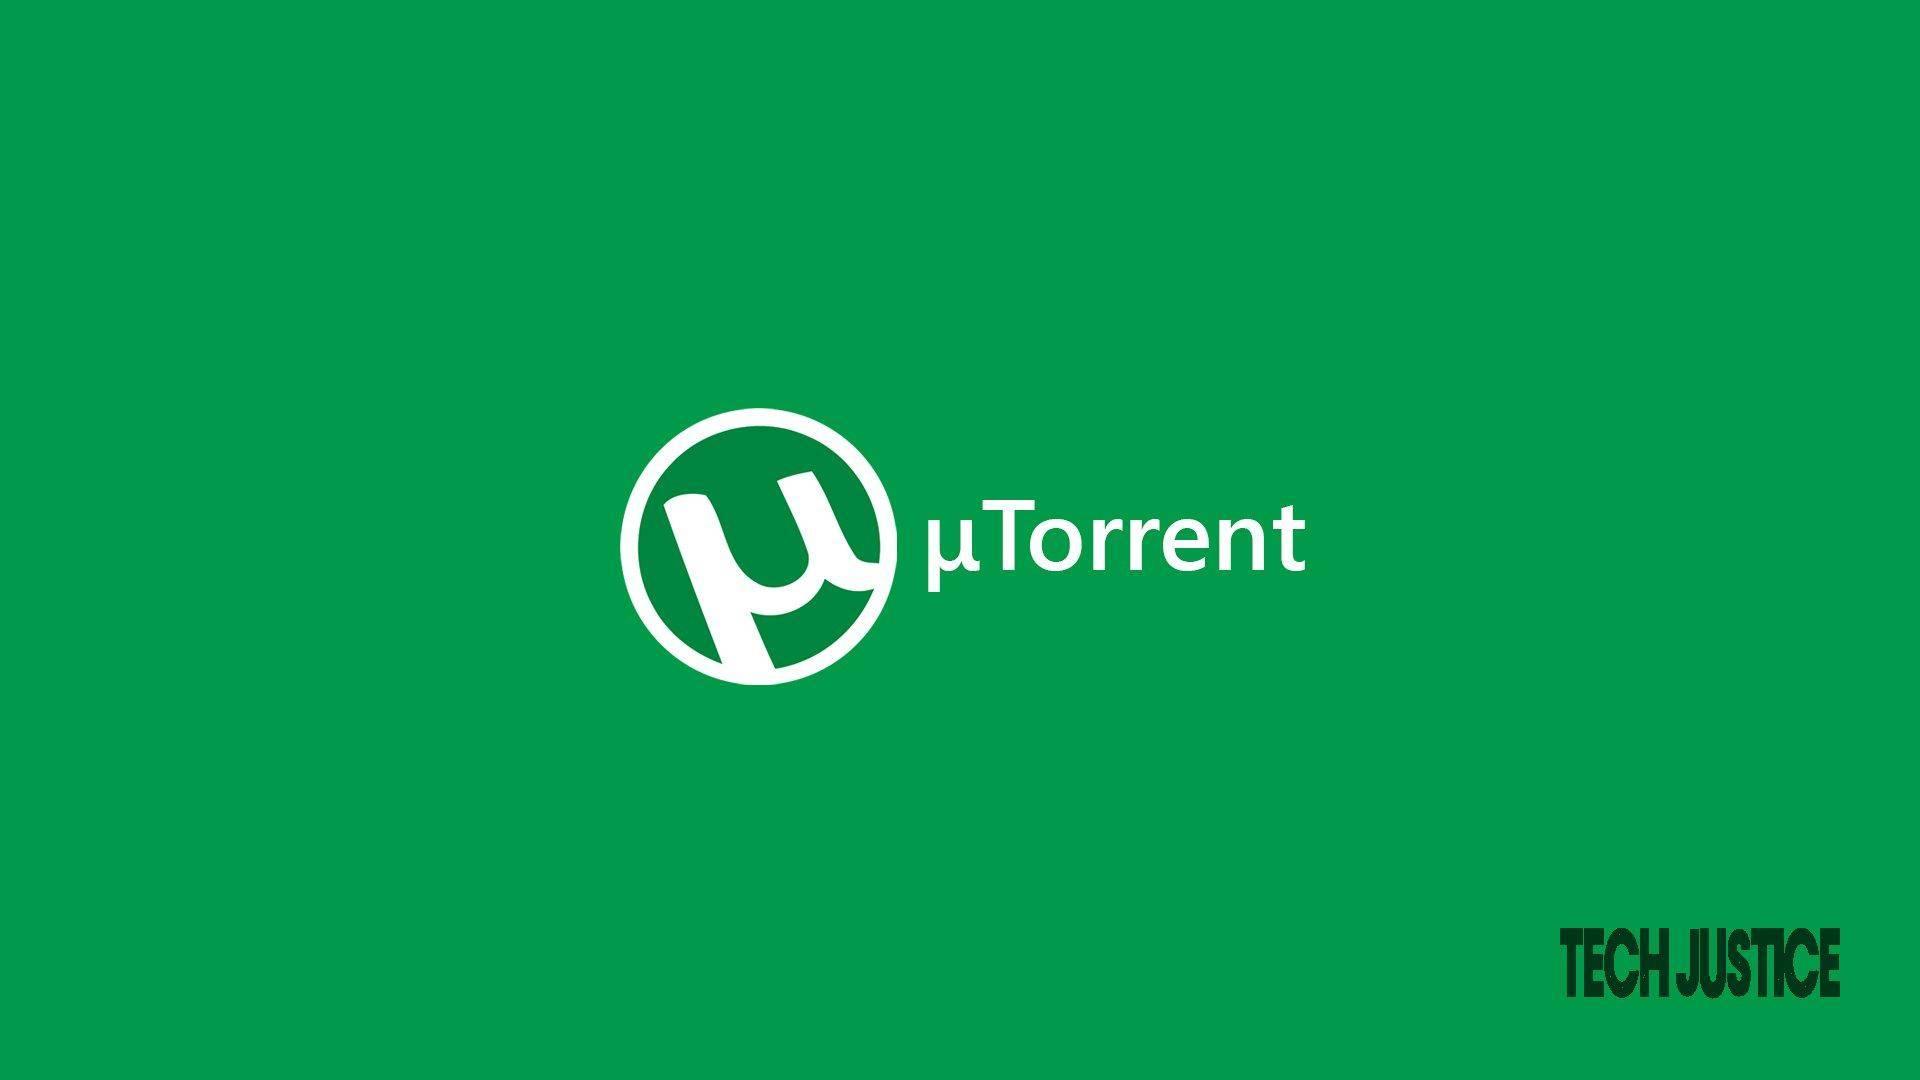 uTorrent tech justice